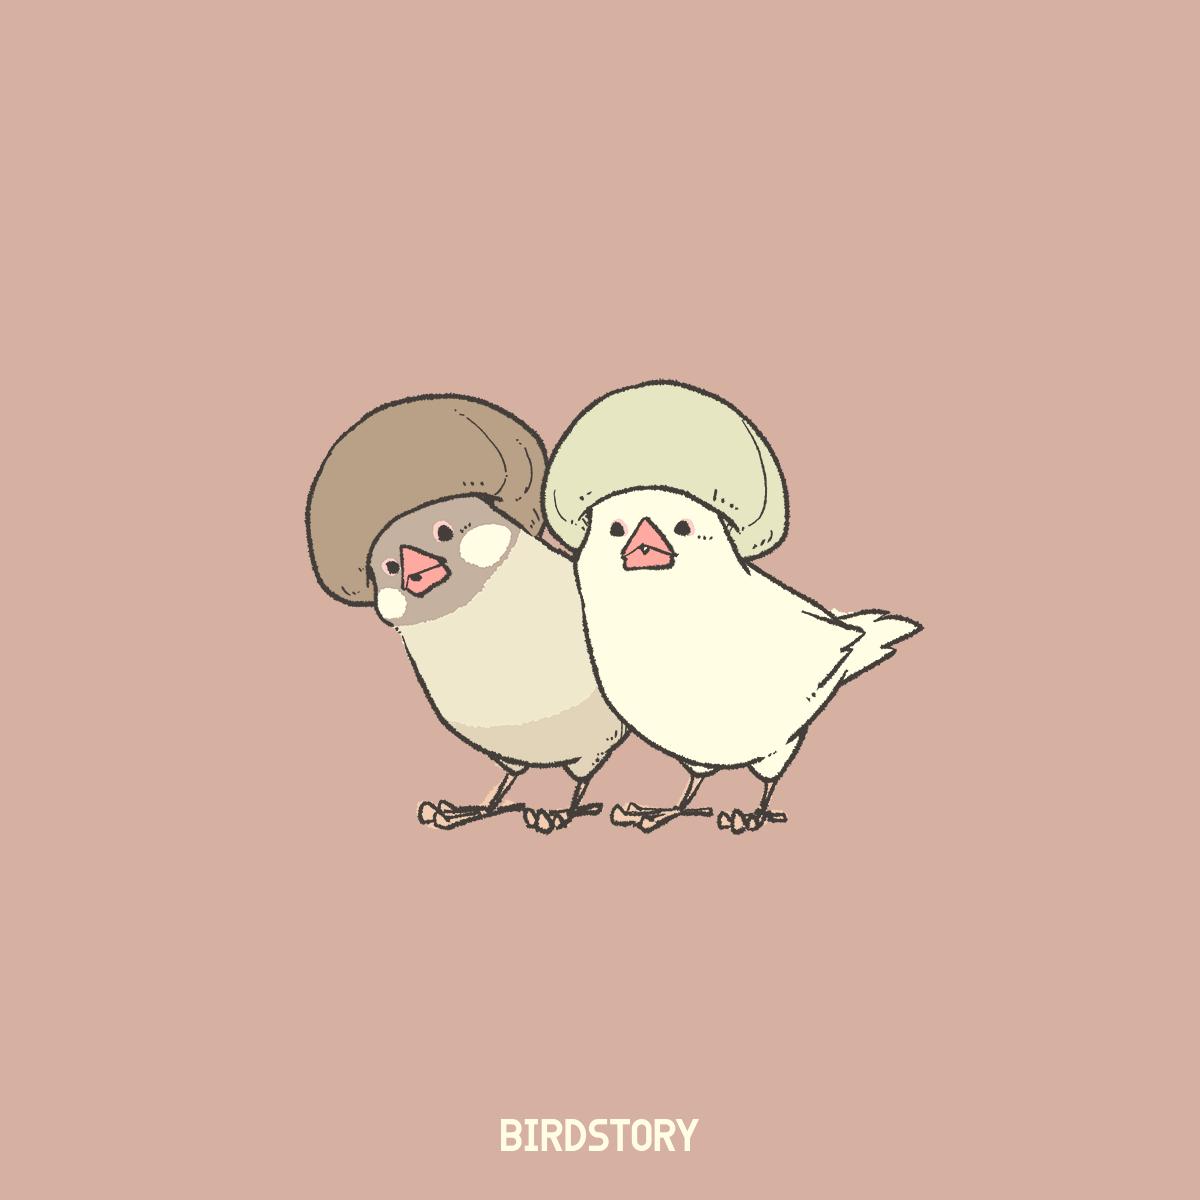 マッシュルームの日 ヘアスタイル文鳥